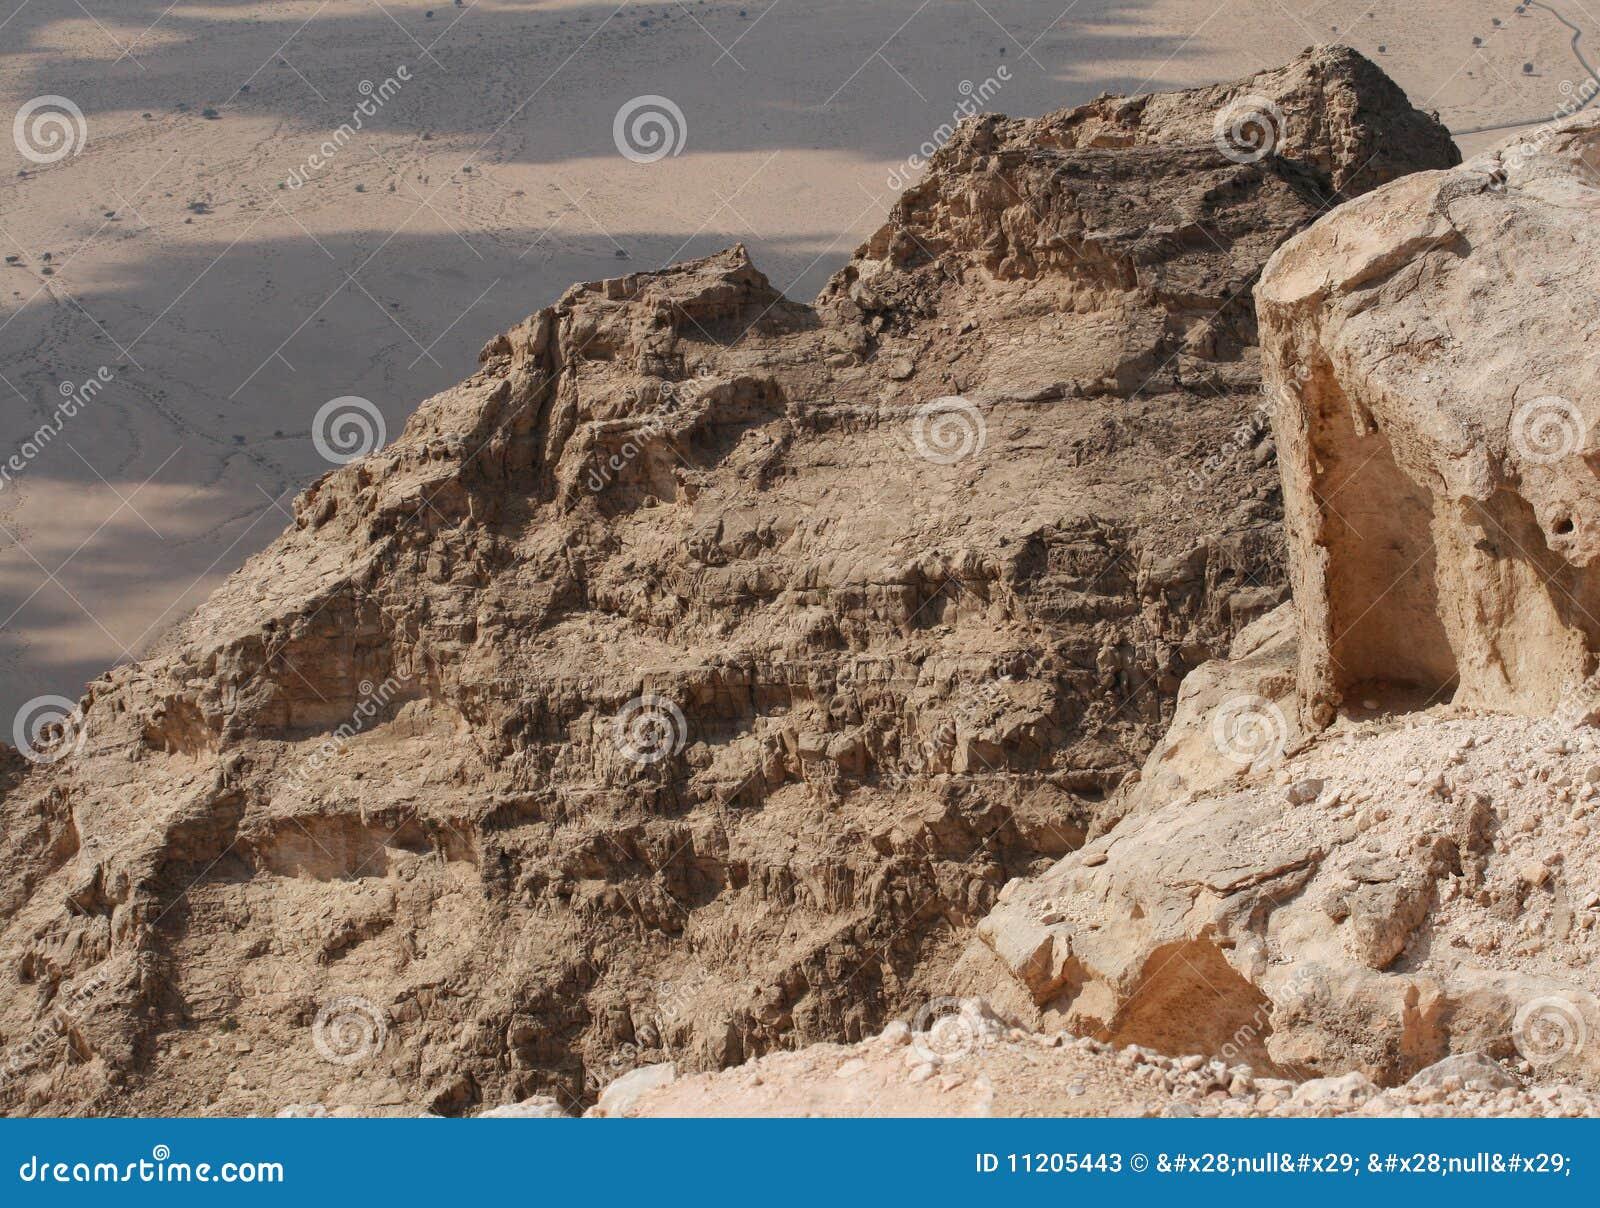 Jebel Hafeet Mountains